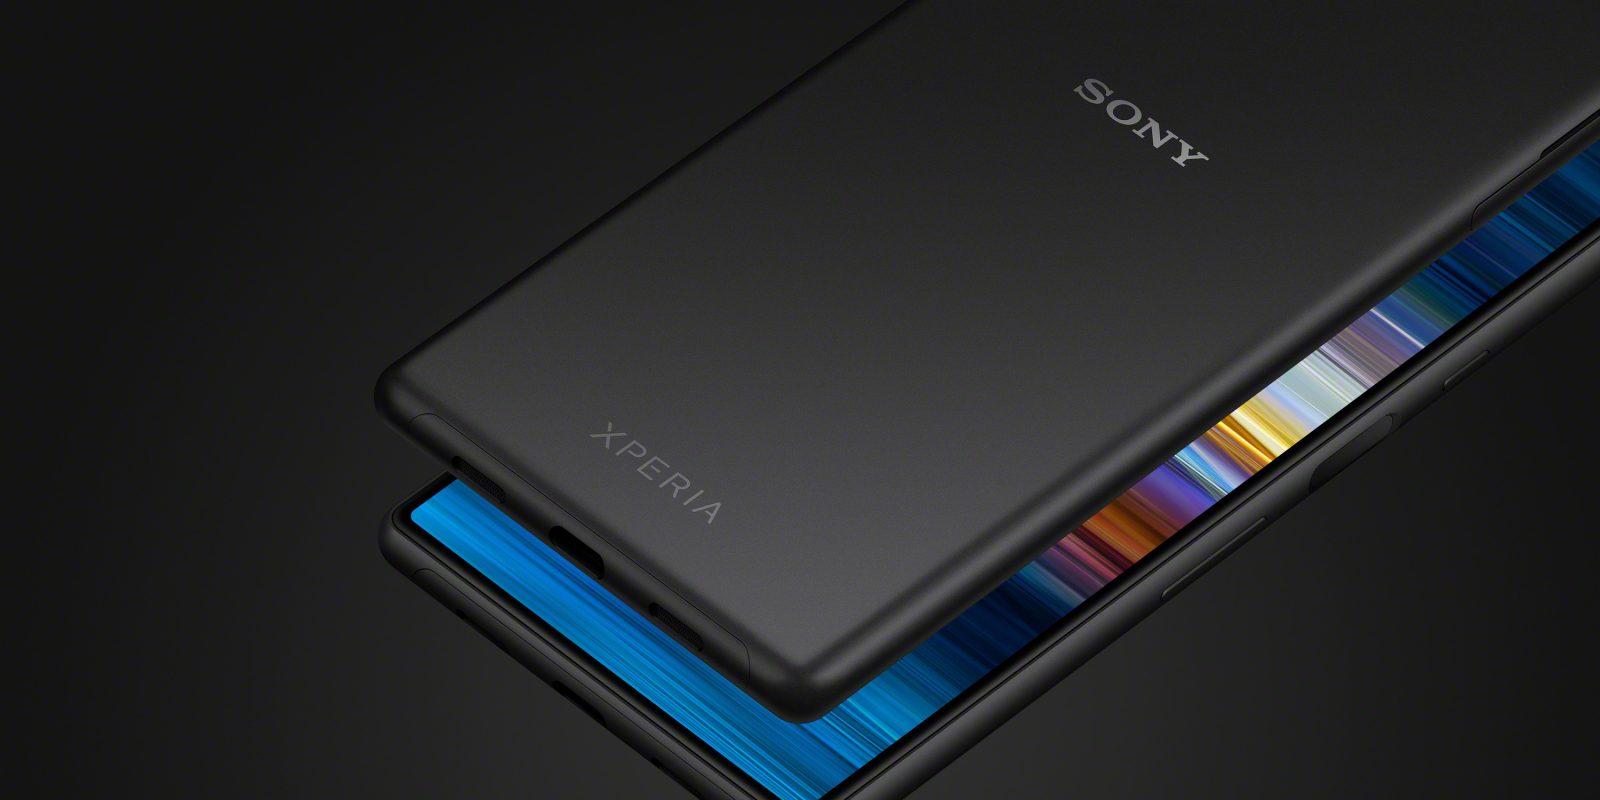 Sony Xperia 10 přináší do střední třídy technologii AR za cenu 8 999 Kč [MWC]